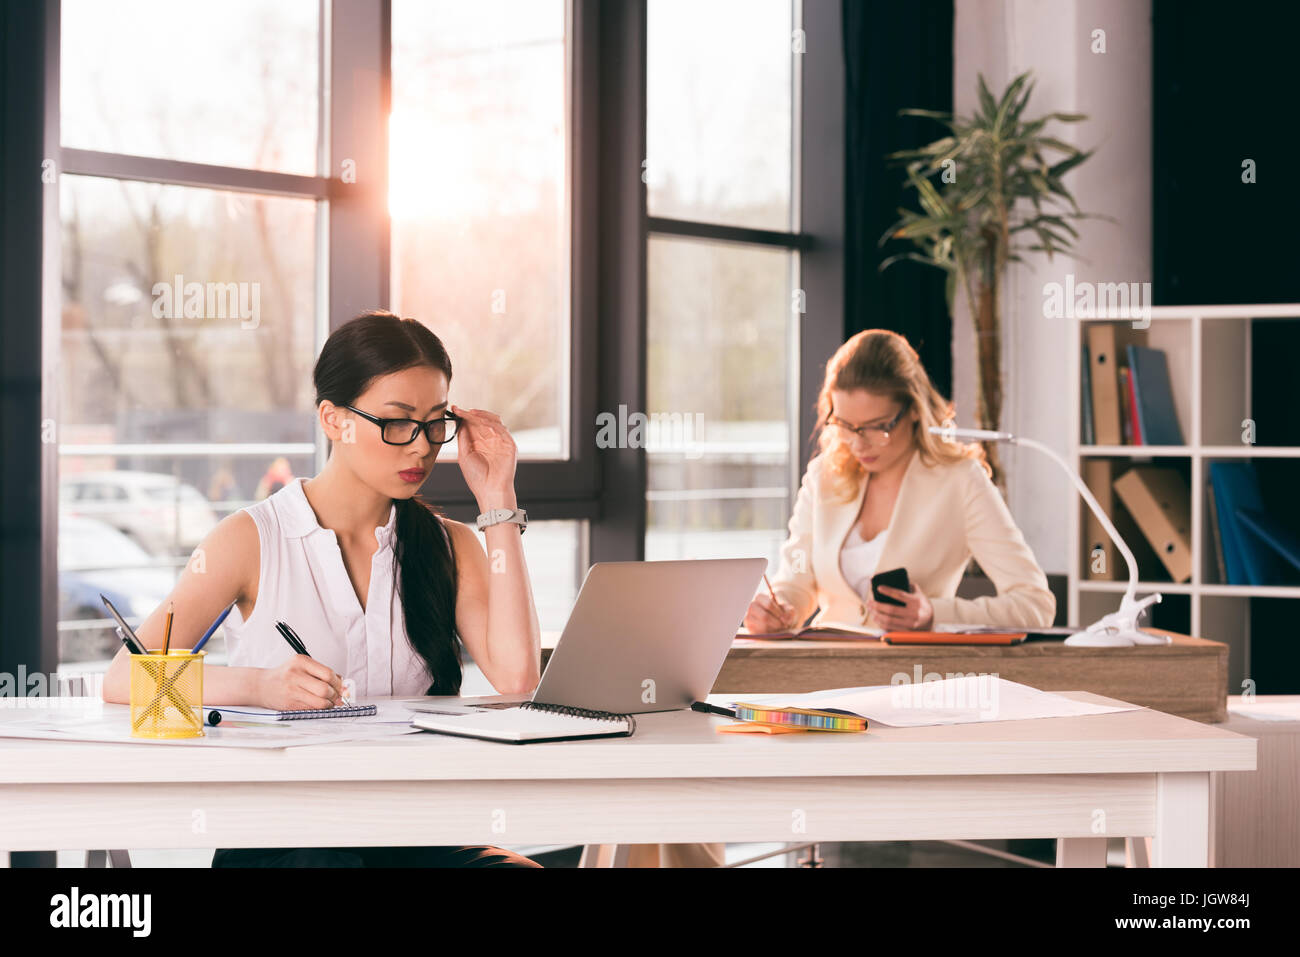 junge multiethnischen Geschäftsfrauen in festlich gekleidet im modernen Büro arbeiten Stockbild